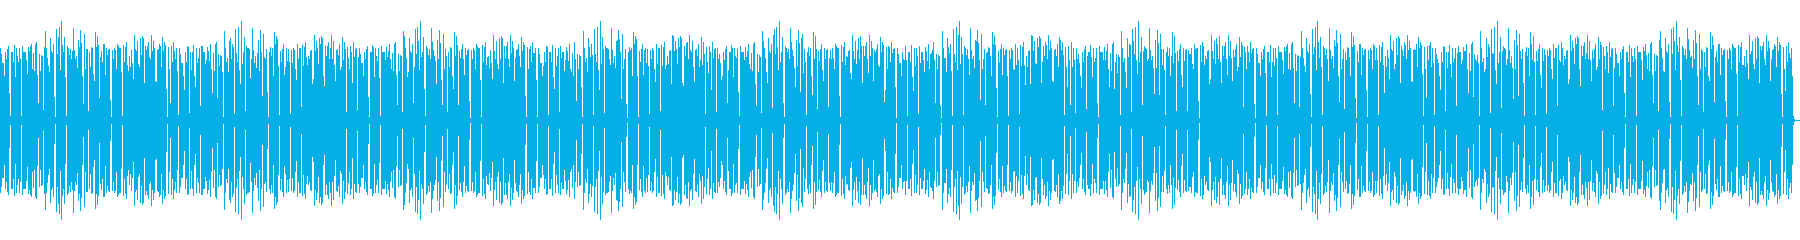 知育・ほのぼの・パズル・日常ピアノ42Lの再生済みの波形